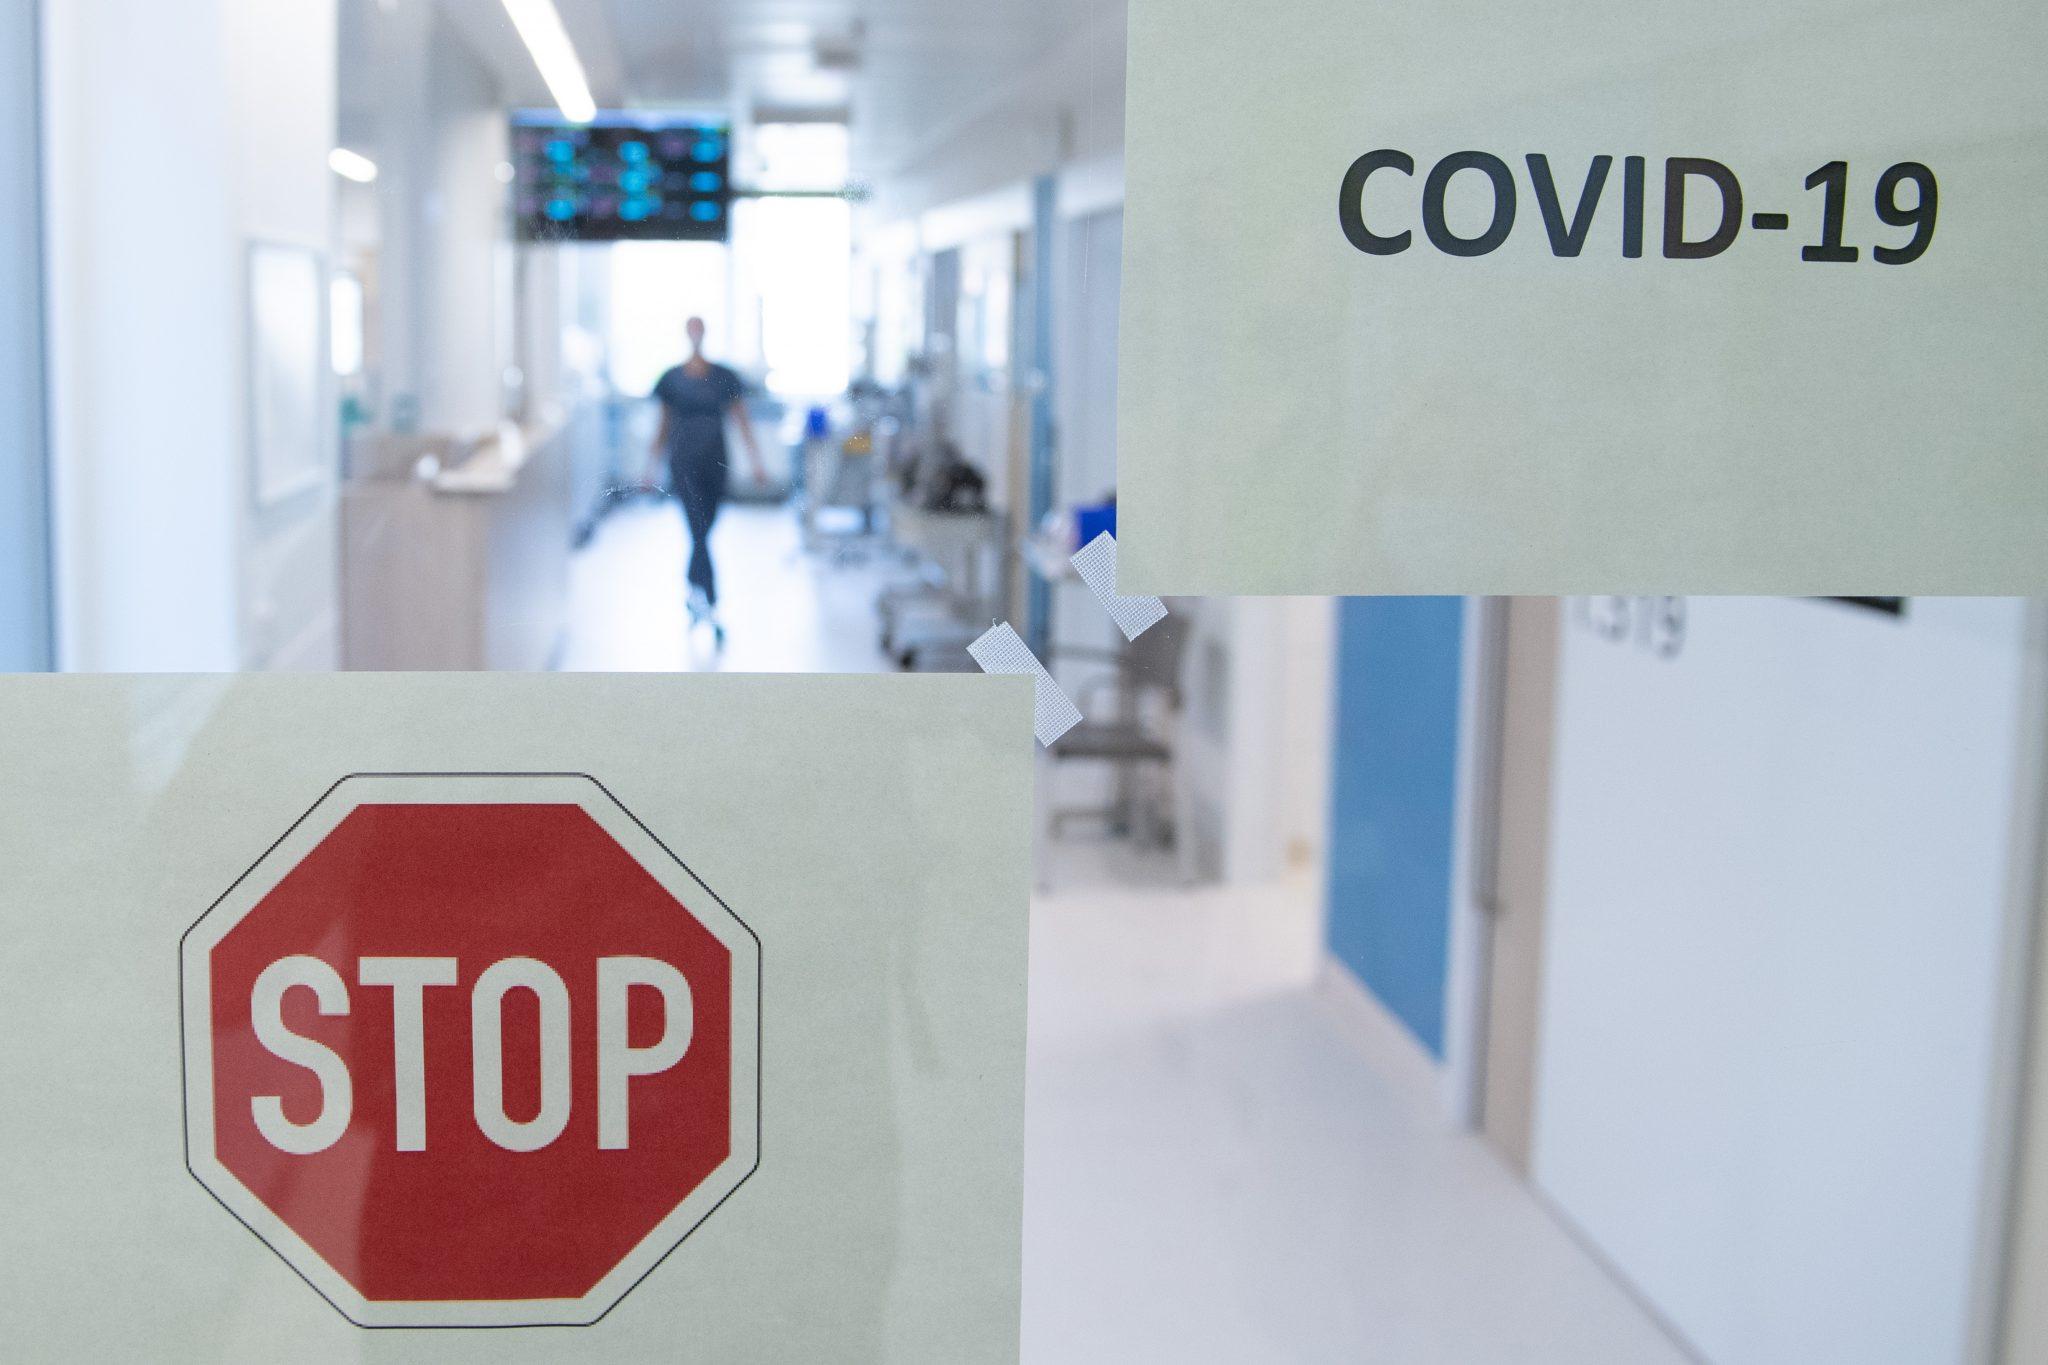 Corona-Intensivstation: Übersterblichkeit geht nicht allein auf Covid-19 zurück